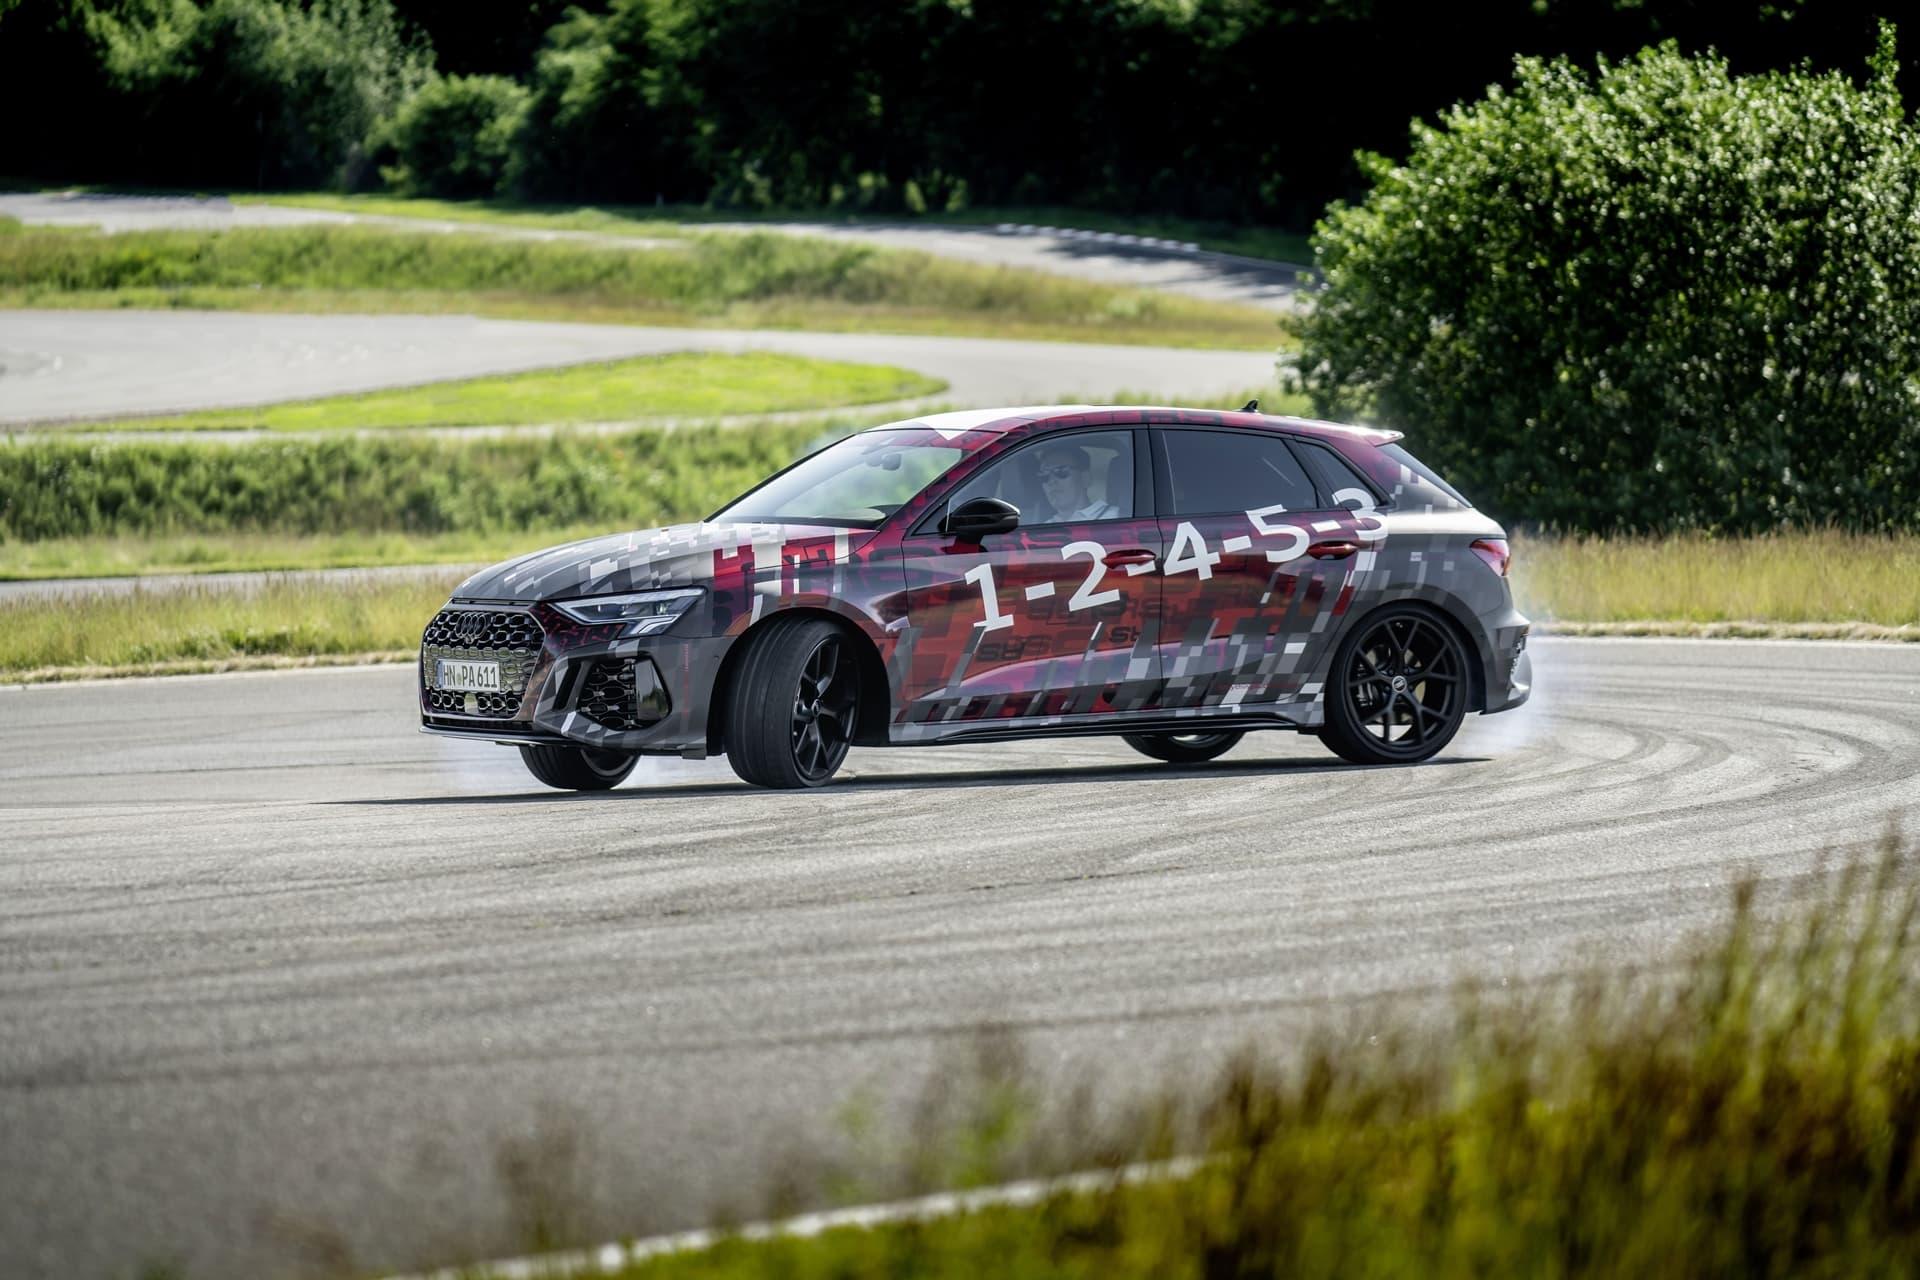 Audi Rs3 2021 Camuflado 0621 076